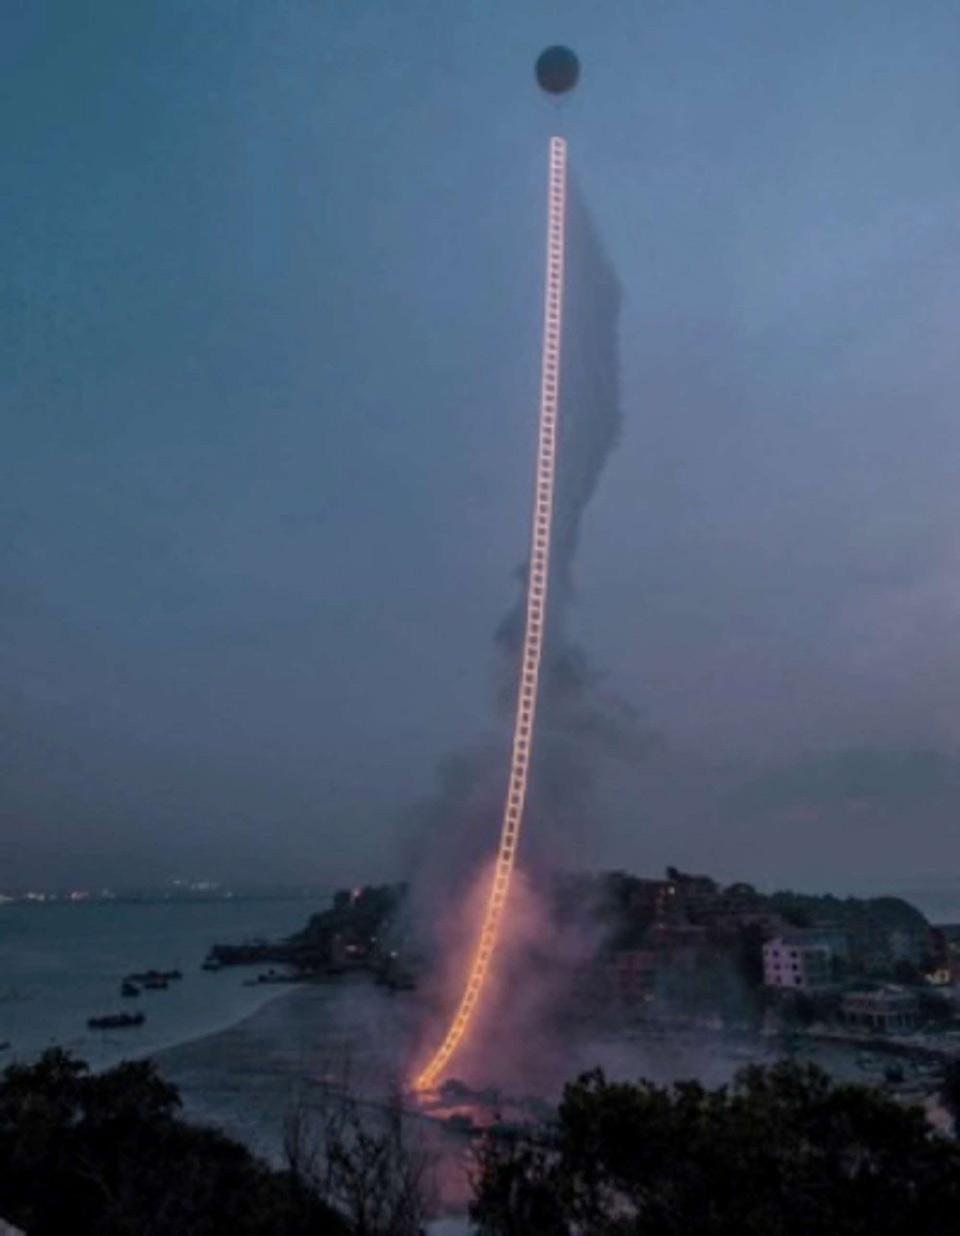 Chiếc thang bốc lửa dẫn lên bầu trời.